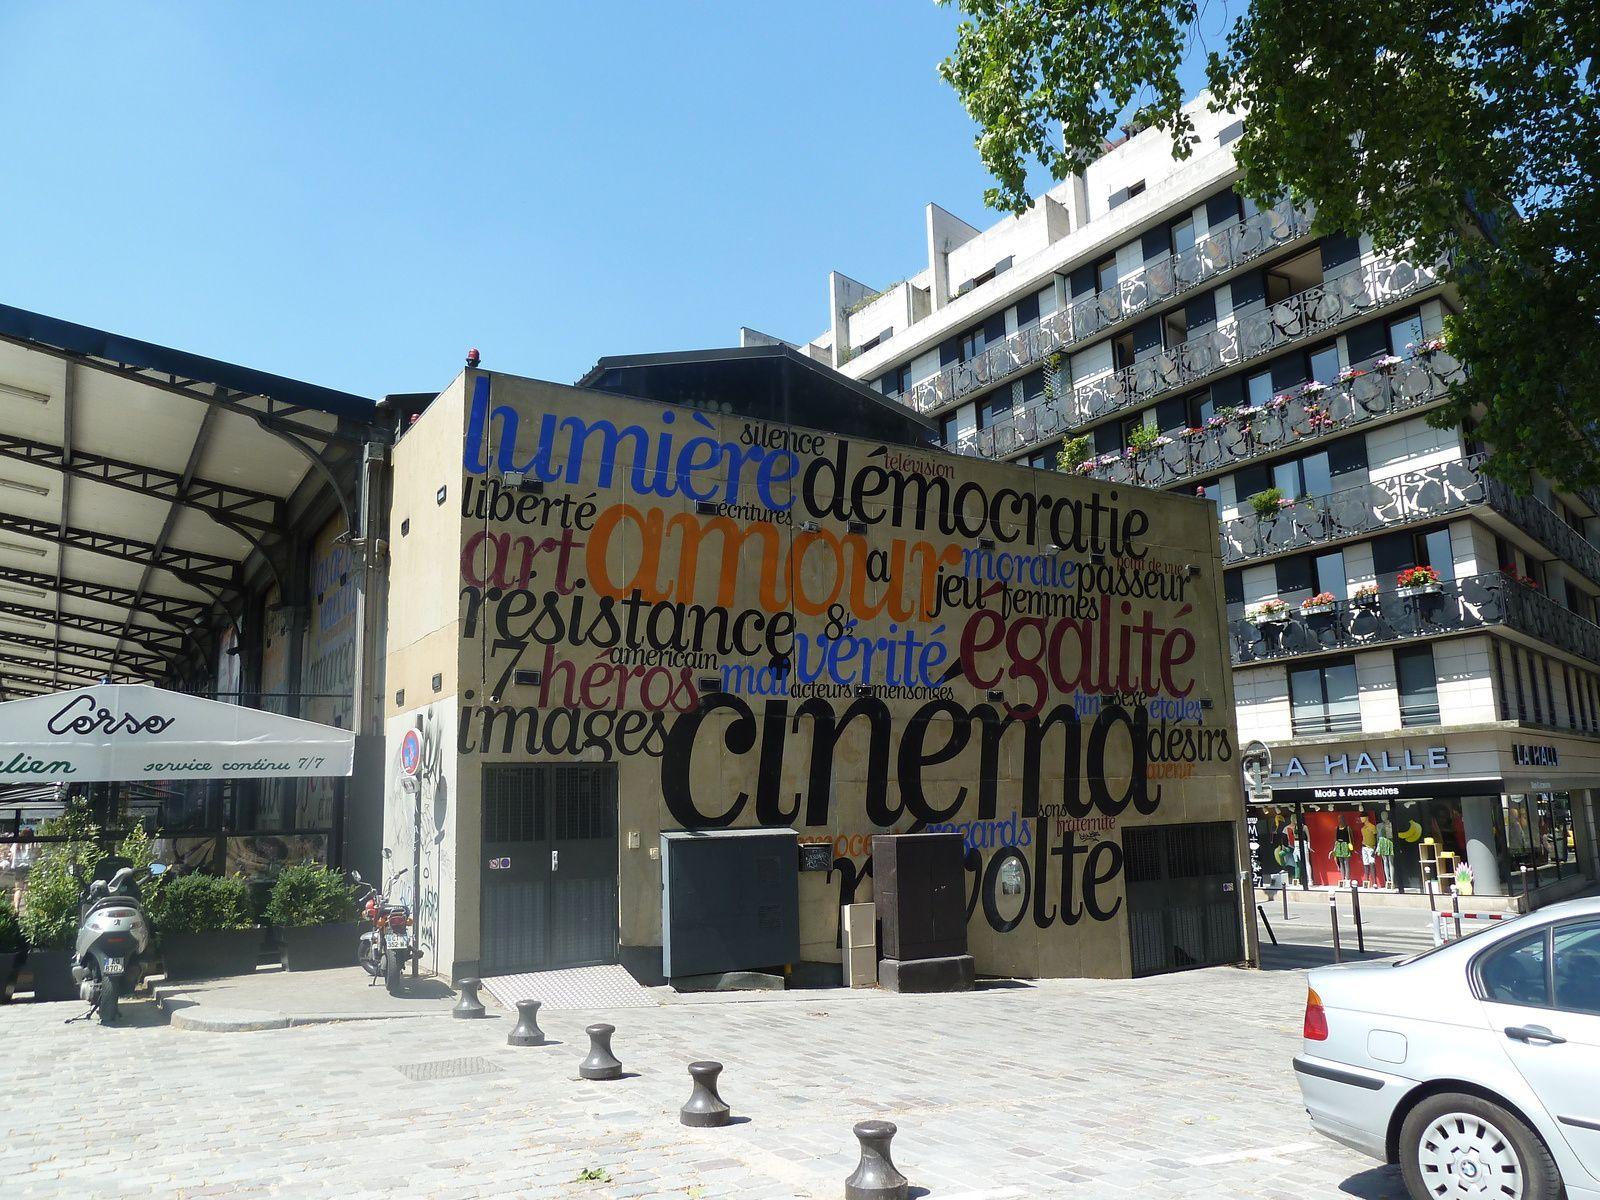 """Nous retraversons le canal côté quai de la Seine où, depuis 1996 une salle de cinéma MK2 est installée, suivra en face sur le quai de la Loire une autre salle depuis 2005. La contre-allée a été baptisée """"Promenade Simone Signoret et Yves Montand""""."""